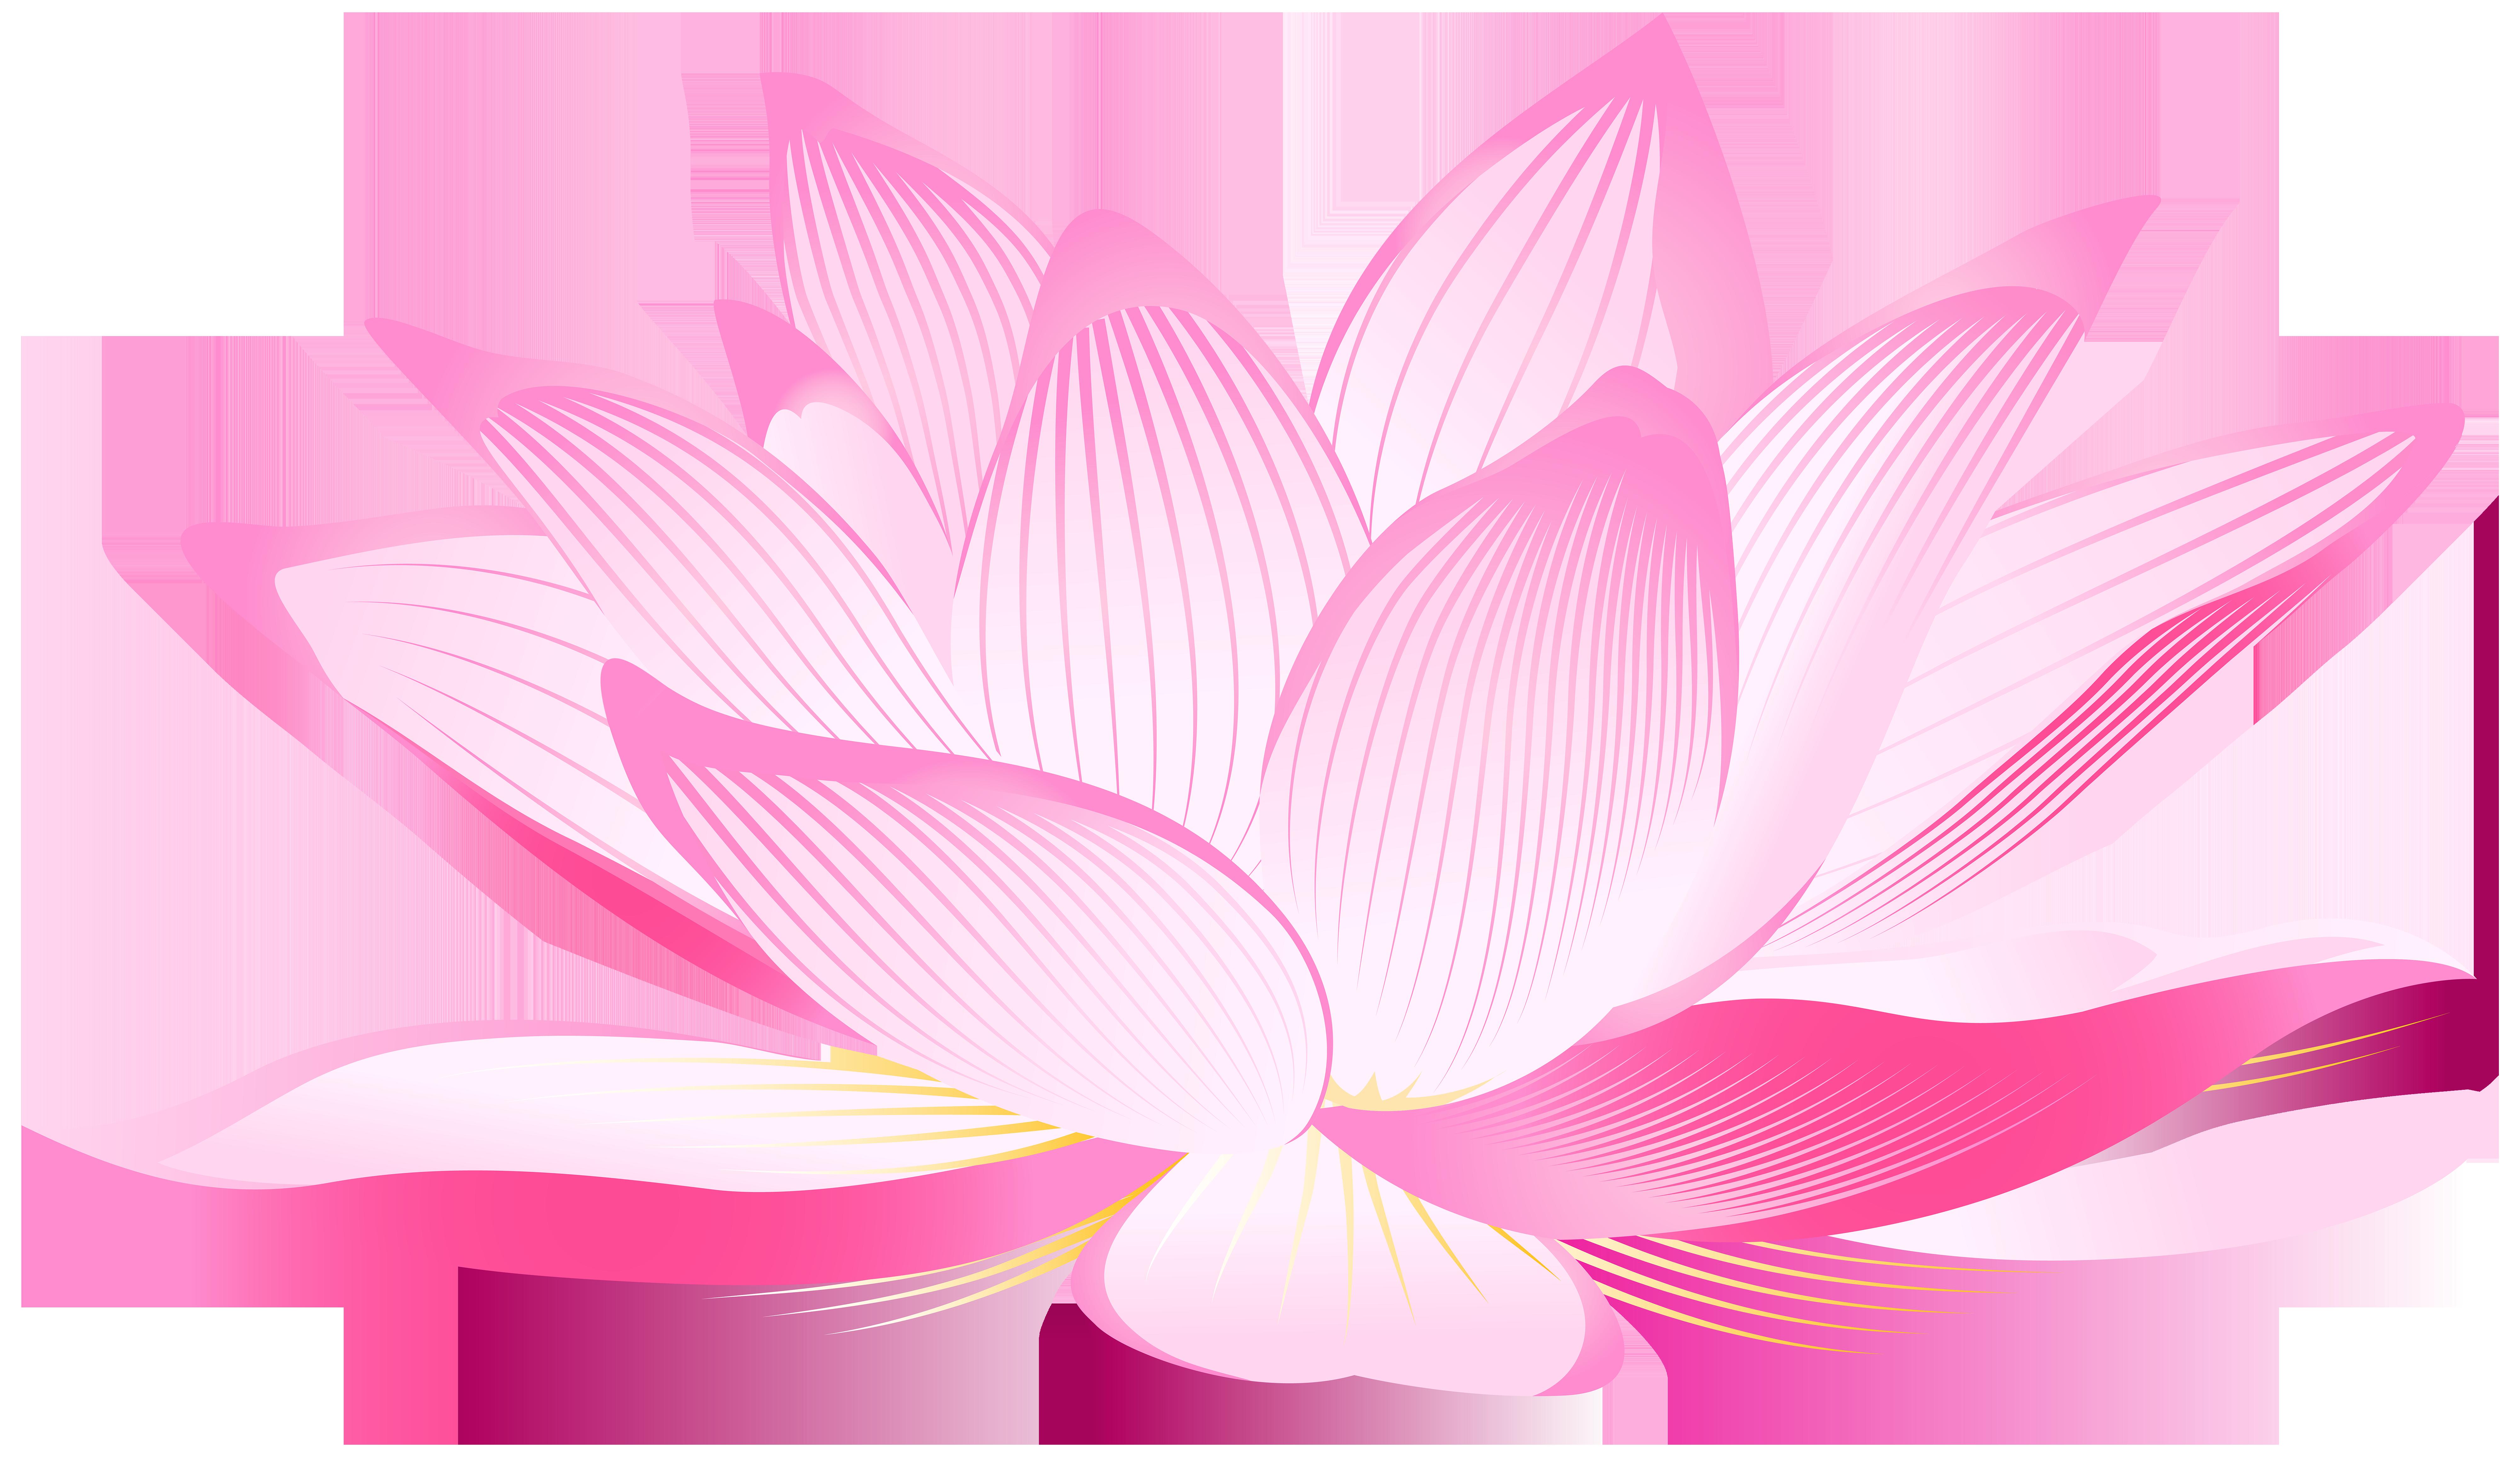 Pin lotus clipart banner royalty free stock PNG Lotus Flower Transparent Lotus Flower.PNG Images. | PlusPNG banner royalty free stock